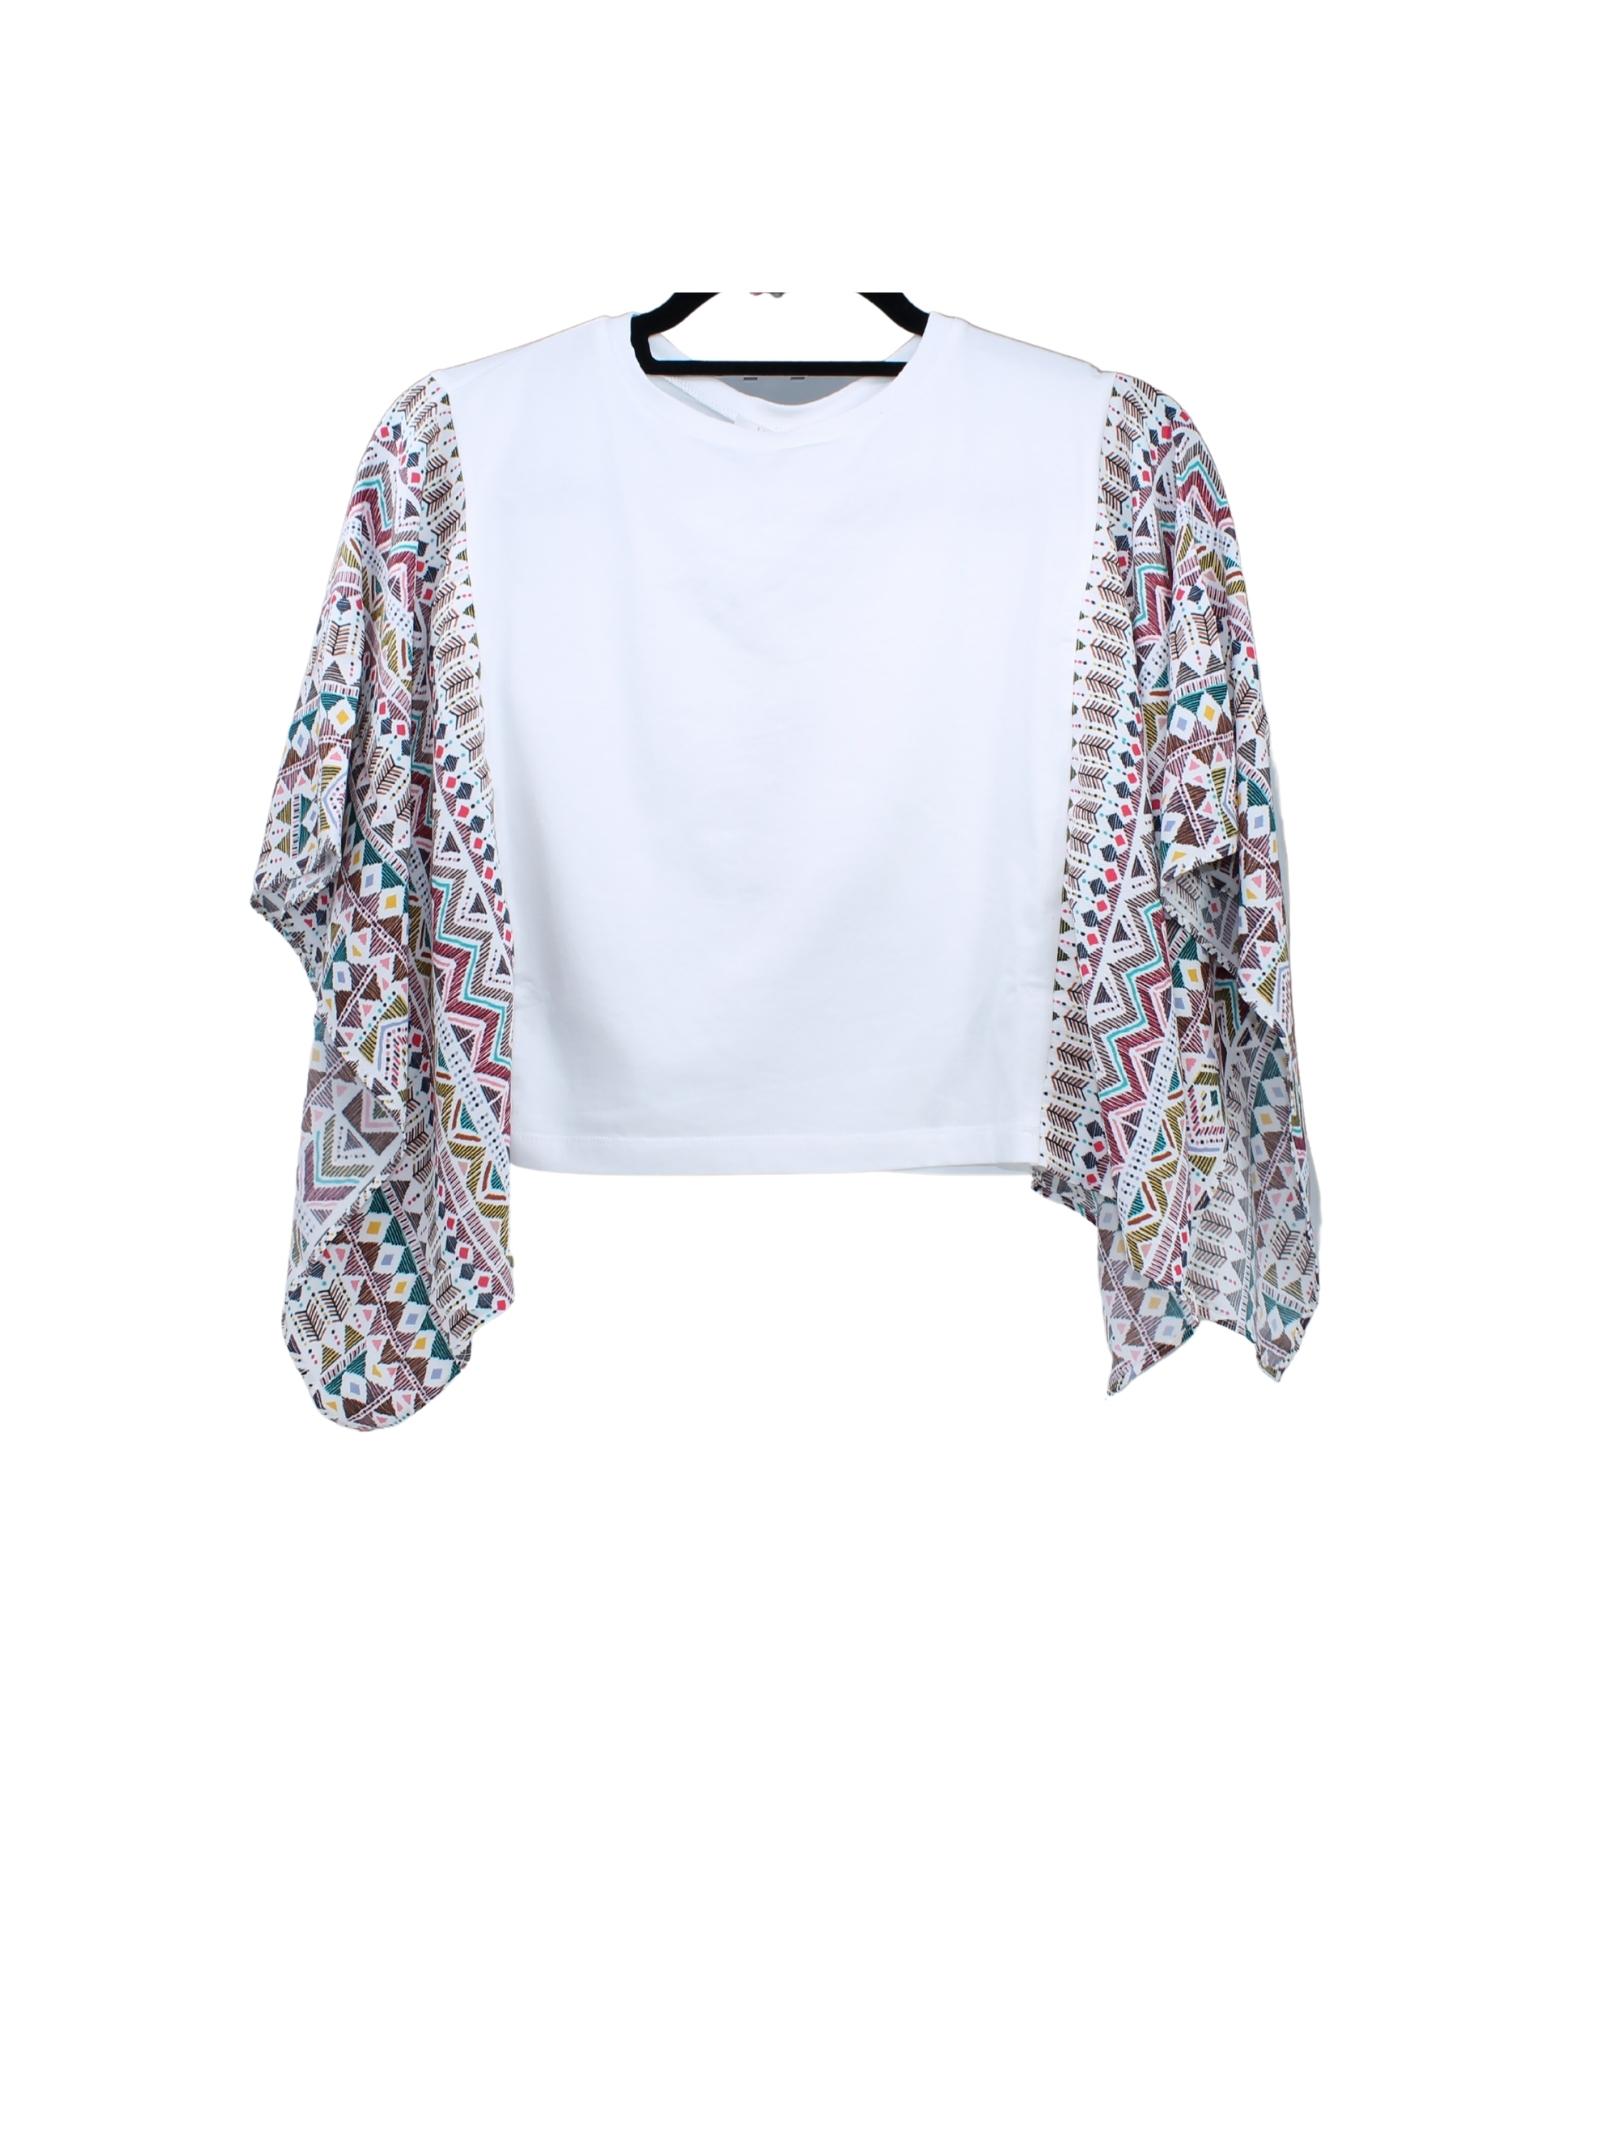 Maglia Bambina Maniche Pipistrello LIU-JO JUNIOR | T-shirt | GA1176J5003T9740